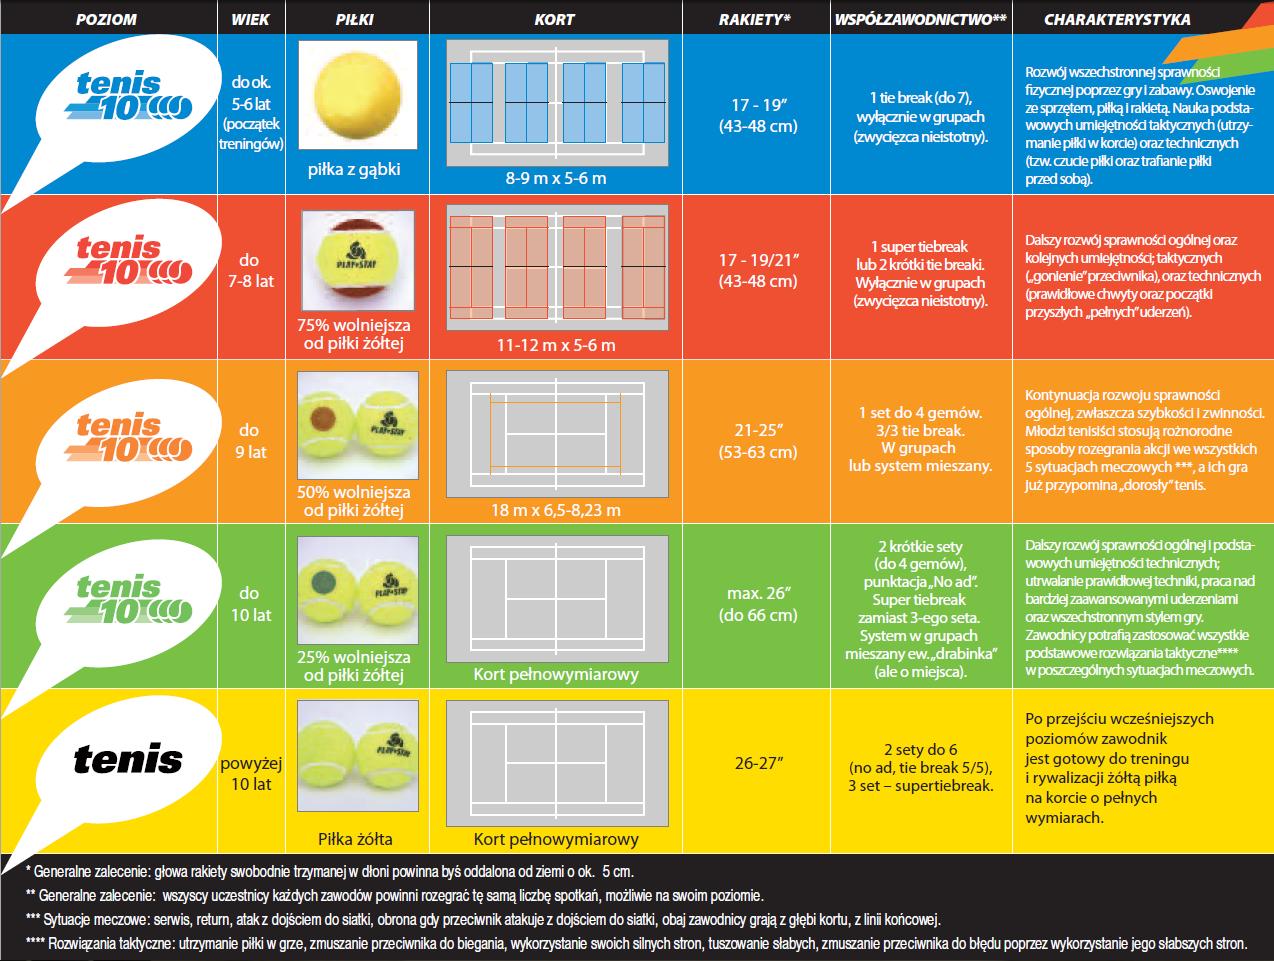 Program nauki tenisa